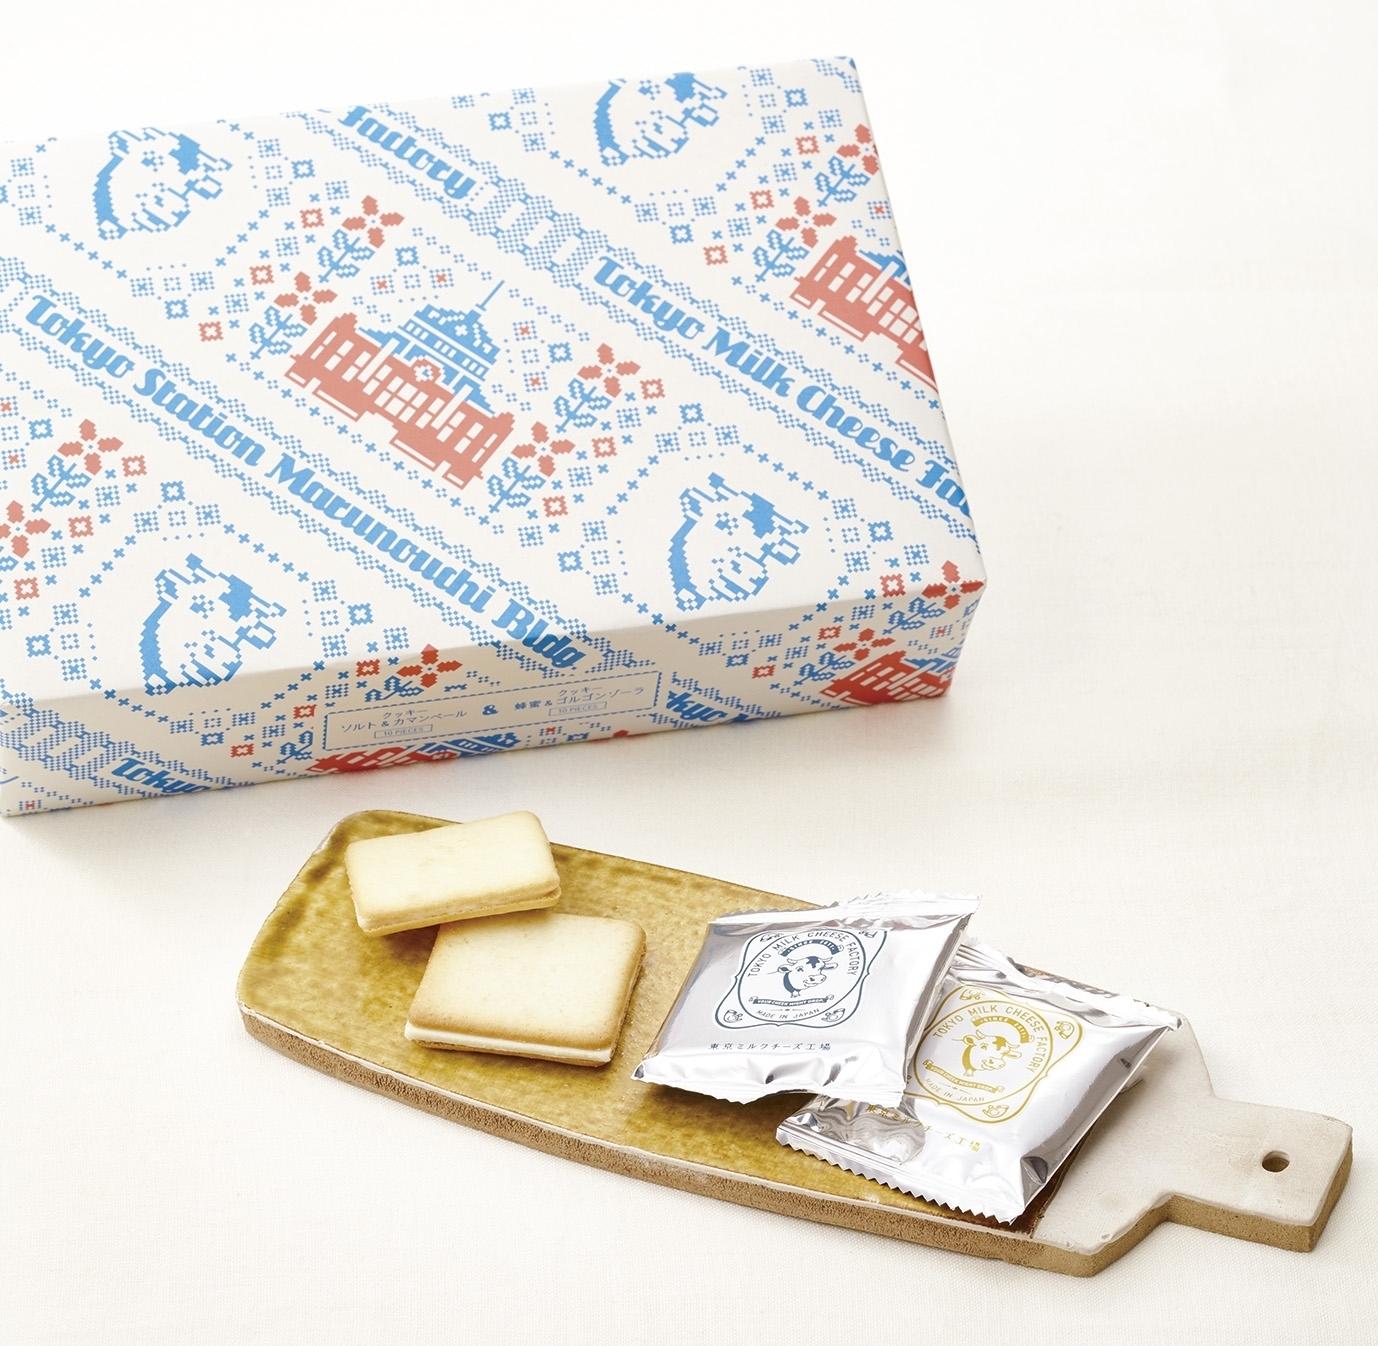 東京ミルクチーズ工場 東京駅限定クッキー詰合せ 箱20枚